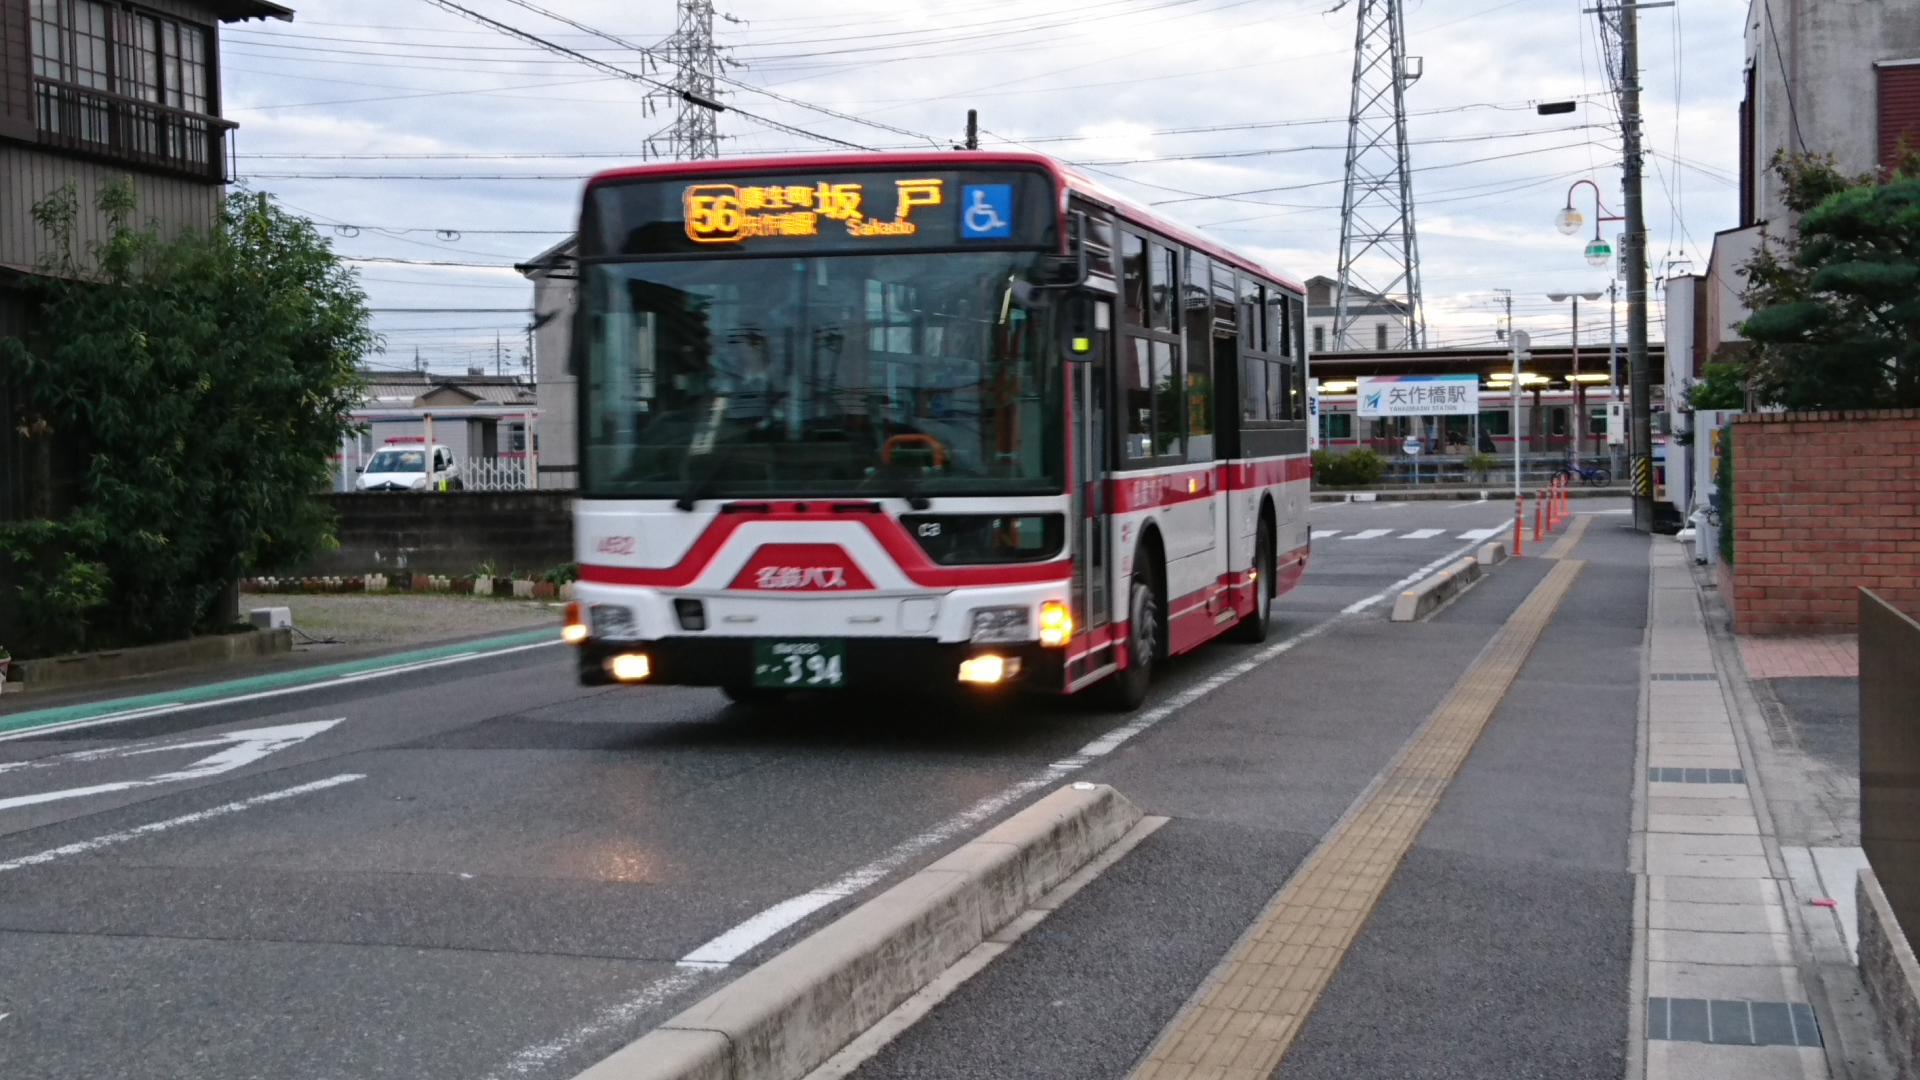 2016.10.23 名鉄バスで坂戸まで (2) 矢作橋駅バス停 - 名鉄バス 1920-1080